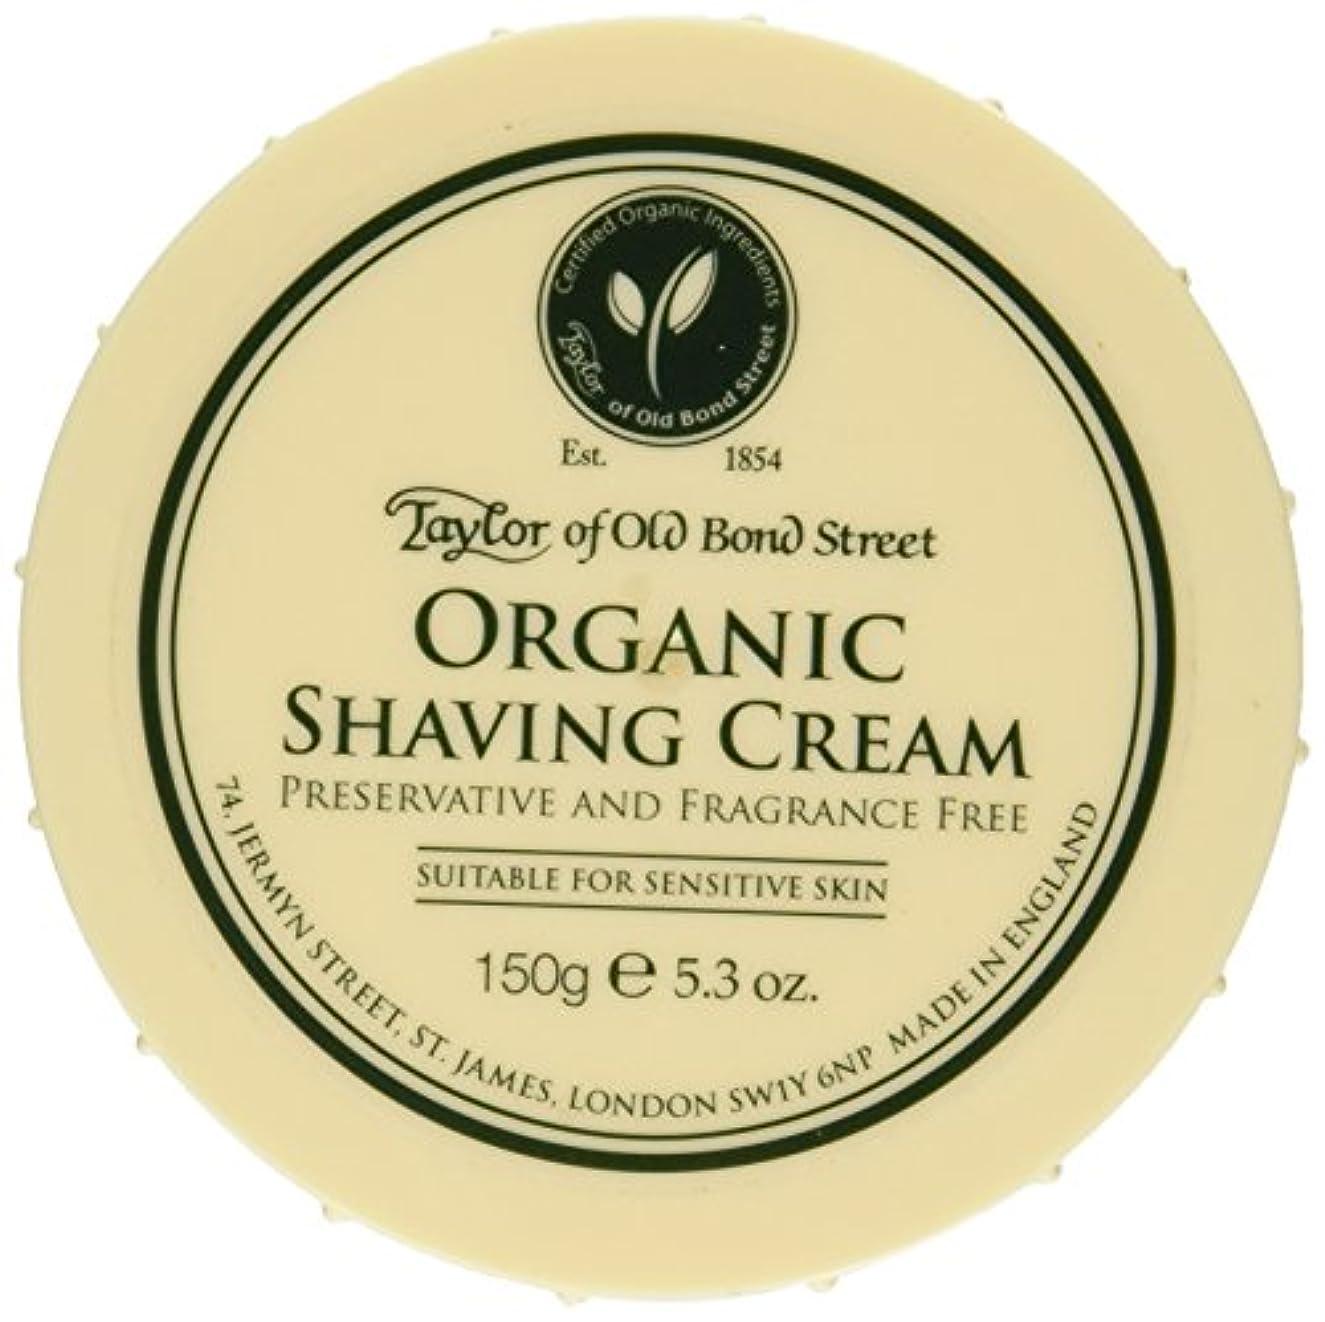 確立します次へ歌詞Taylor of Old Bond Street Organic Shaving Cream w/ Aloe & Jojoba *New* 5.3 oz. by Taylor of Old Bond Street